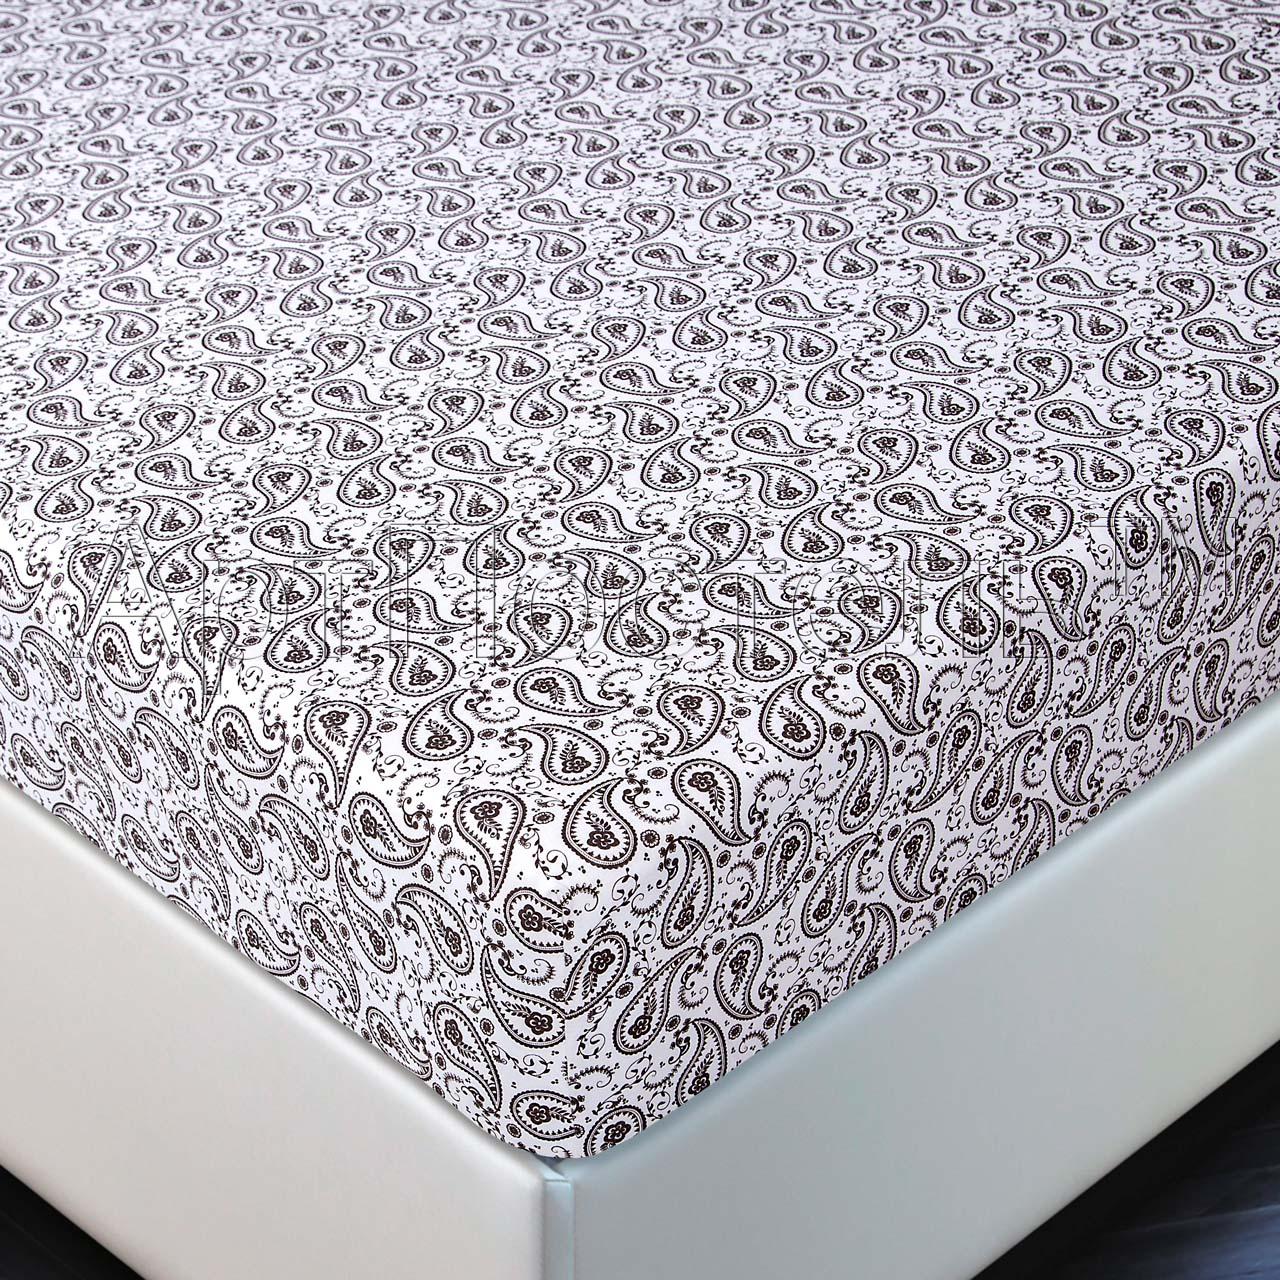 Простыня на резинке Ажур р. 90х200Простыни<br>Плотность ткани: 140 г/кв. м <br>Высота матраса: 20 см<br><br>Тип: Простыня на резинке<br>Размер: 90х200<br>Материал: Кулирка